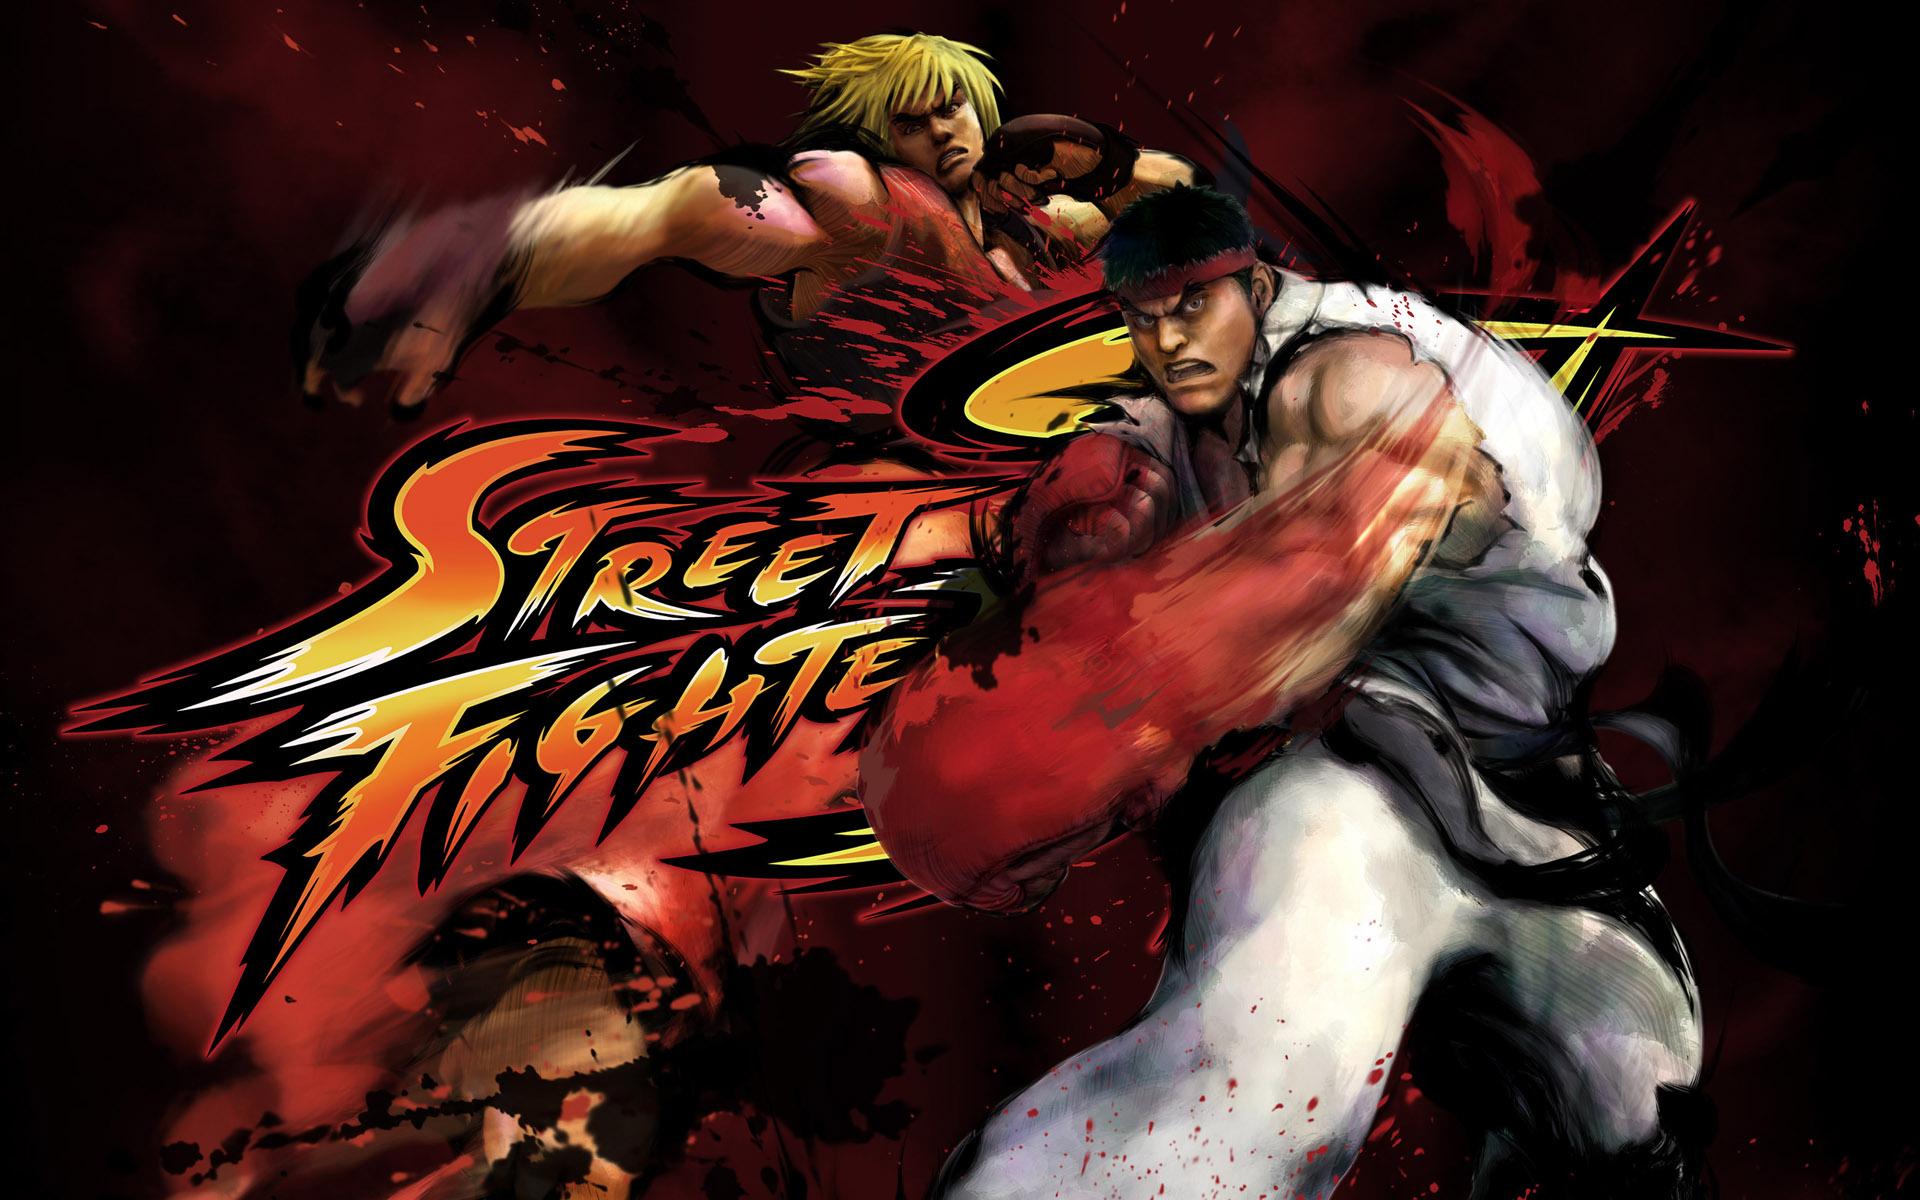 street fighter wallpaper #172200 - zerochan anime image board